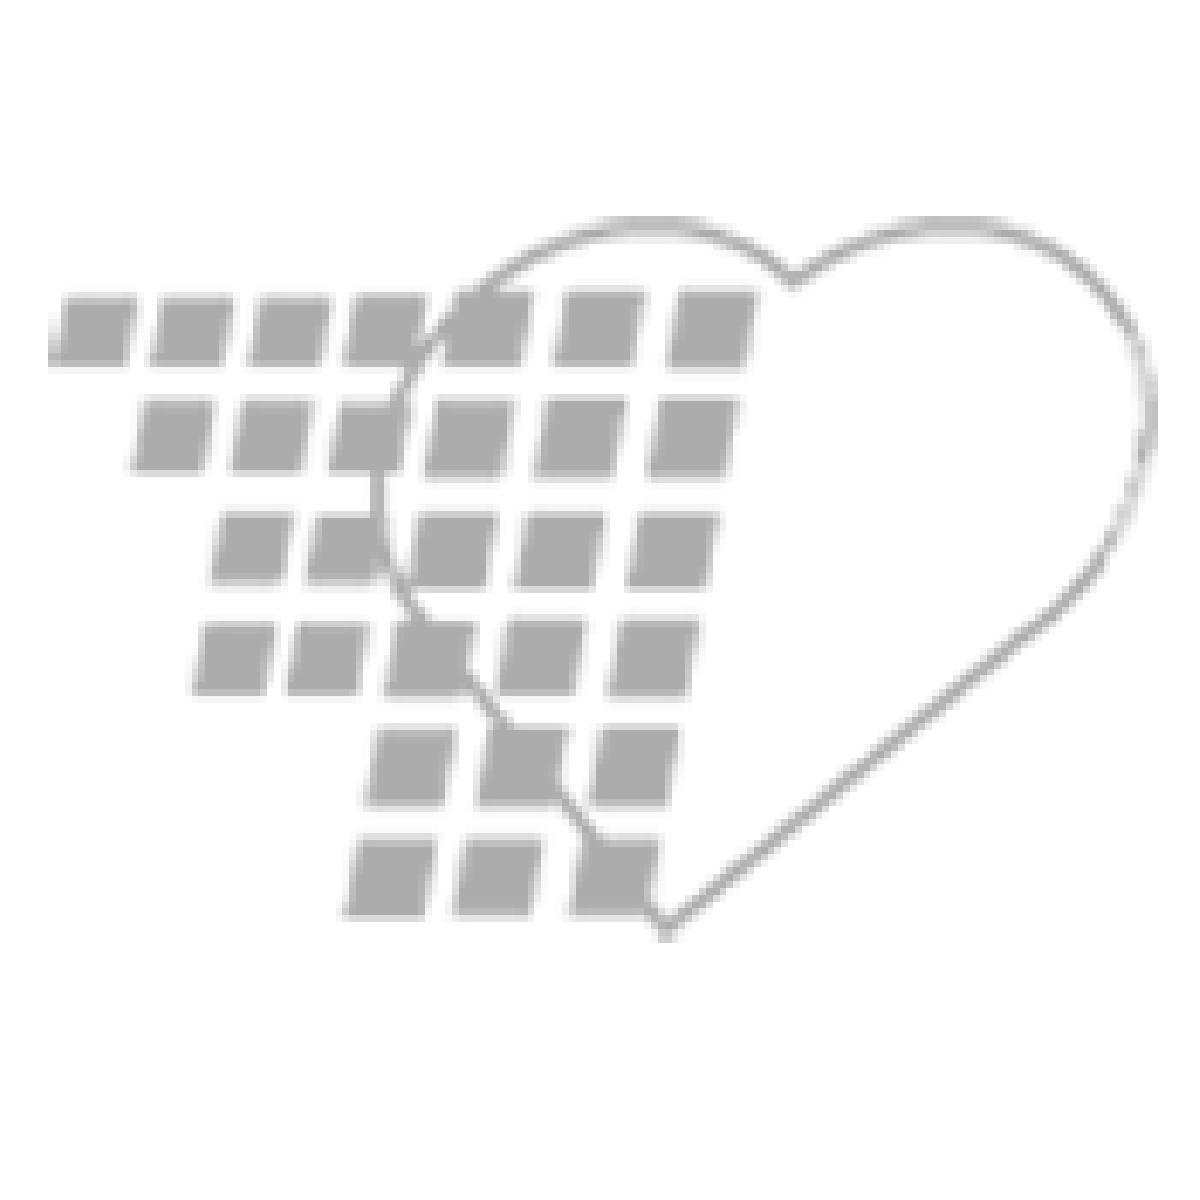 06-93-0273 Demo Dose® Ampule Breakers